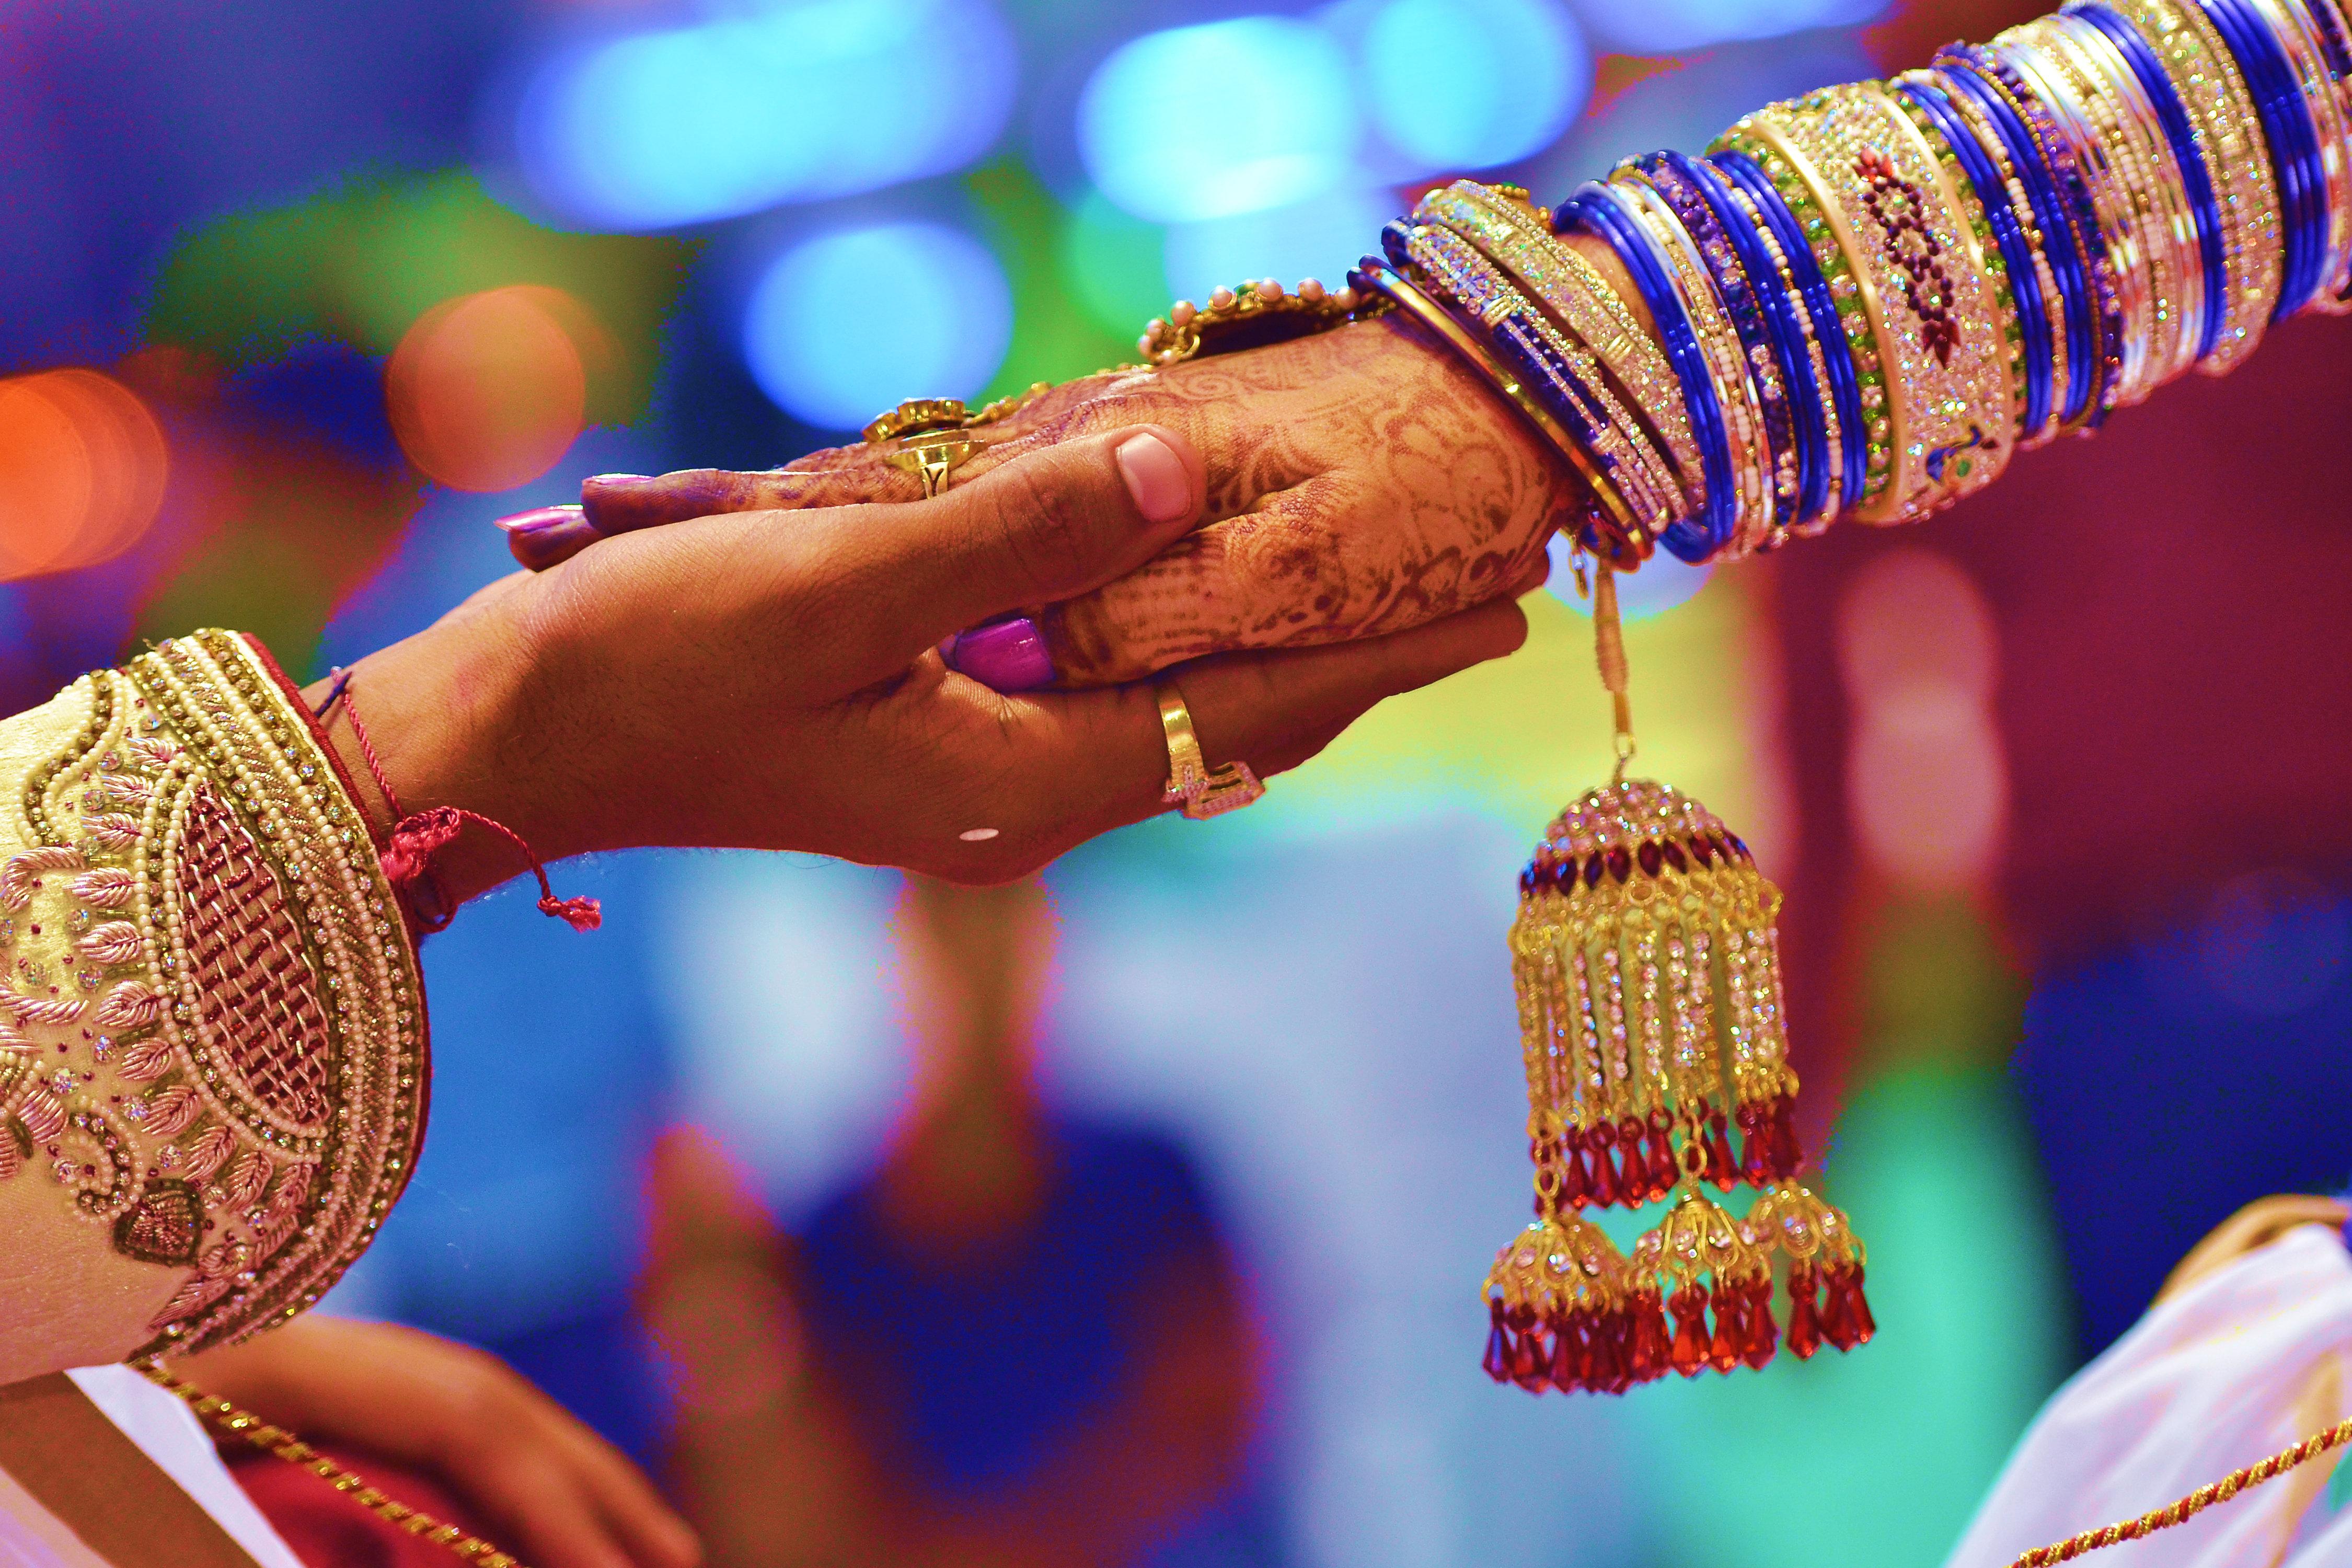 Ινδία: Αντισυνταγματικό αλλά... ισχύει το αυτόματο διαζύγιο λέγοντας «σε χωρίζω, σε χωρίζω, σε